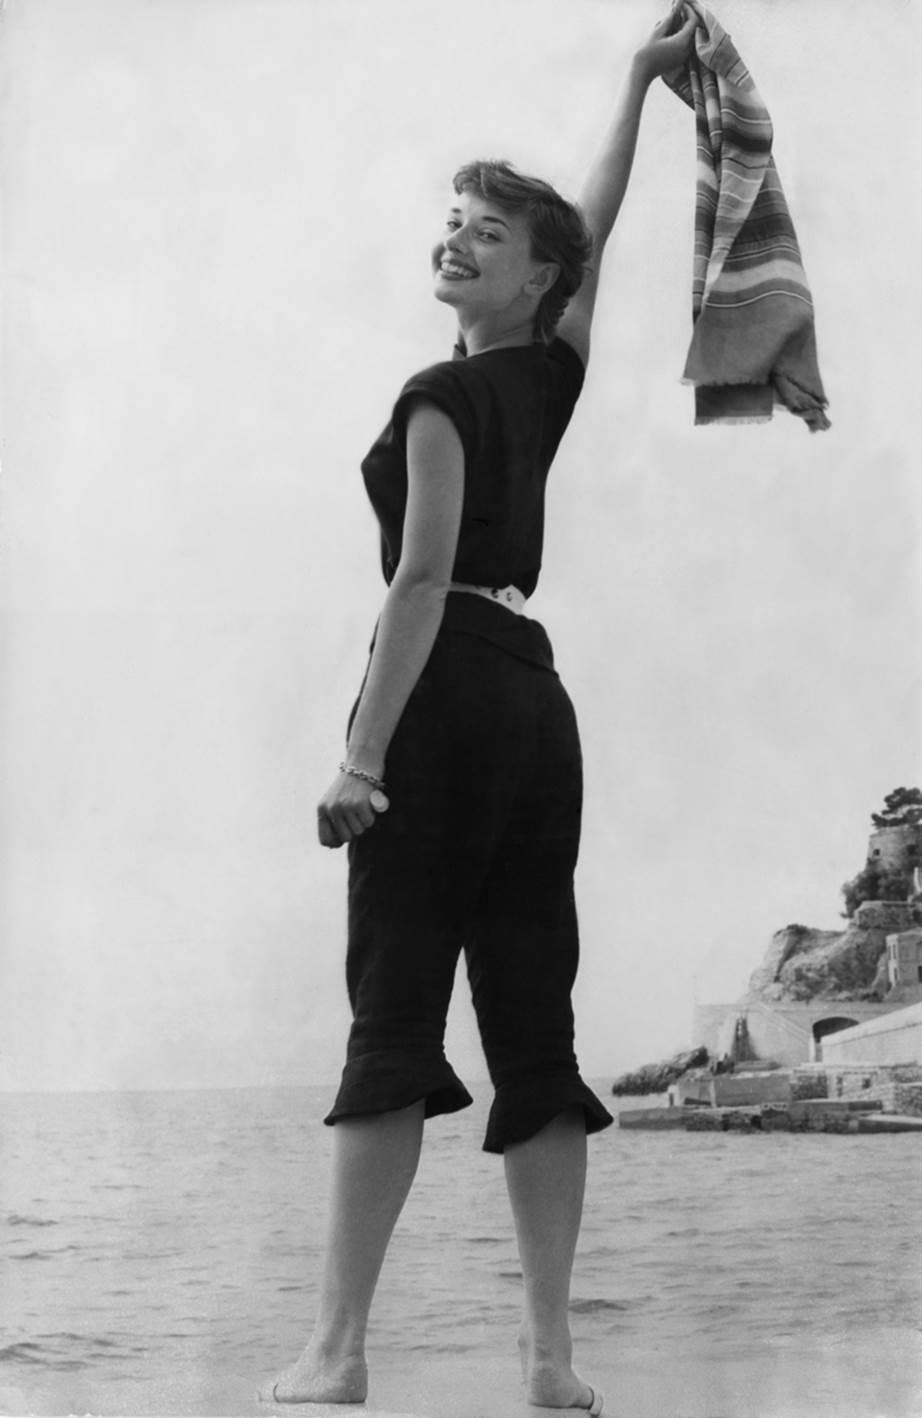 """Chỉ có thể là biểu tượng nhan sắc của mọi thời đại - Audrey Hepburn: diện đồ tối giản, đậm chất """"tomboy"""" mà vẫn đẹp đến nao lòng - Ảnh 11."""